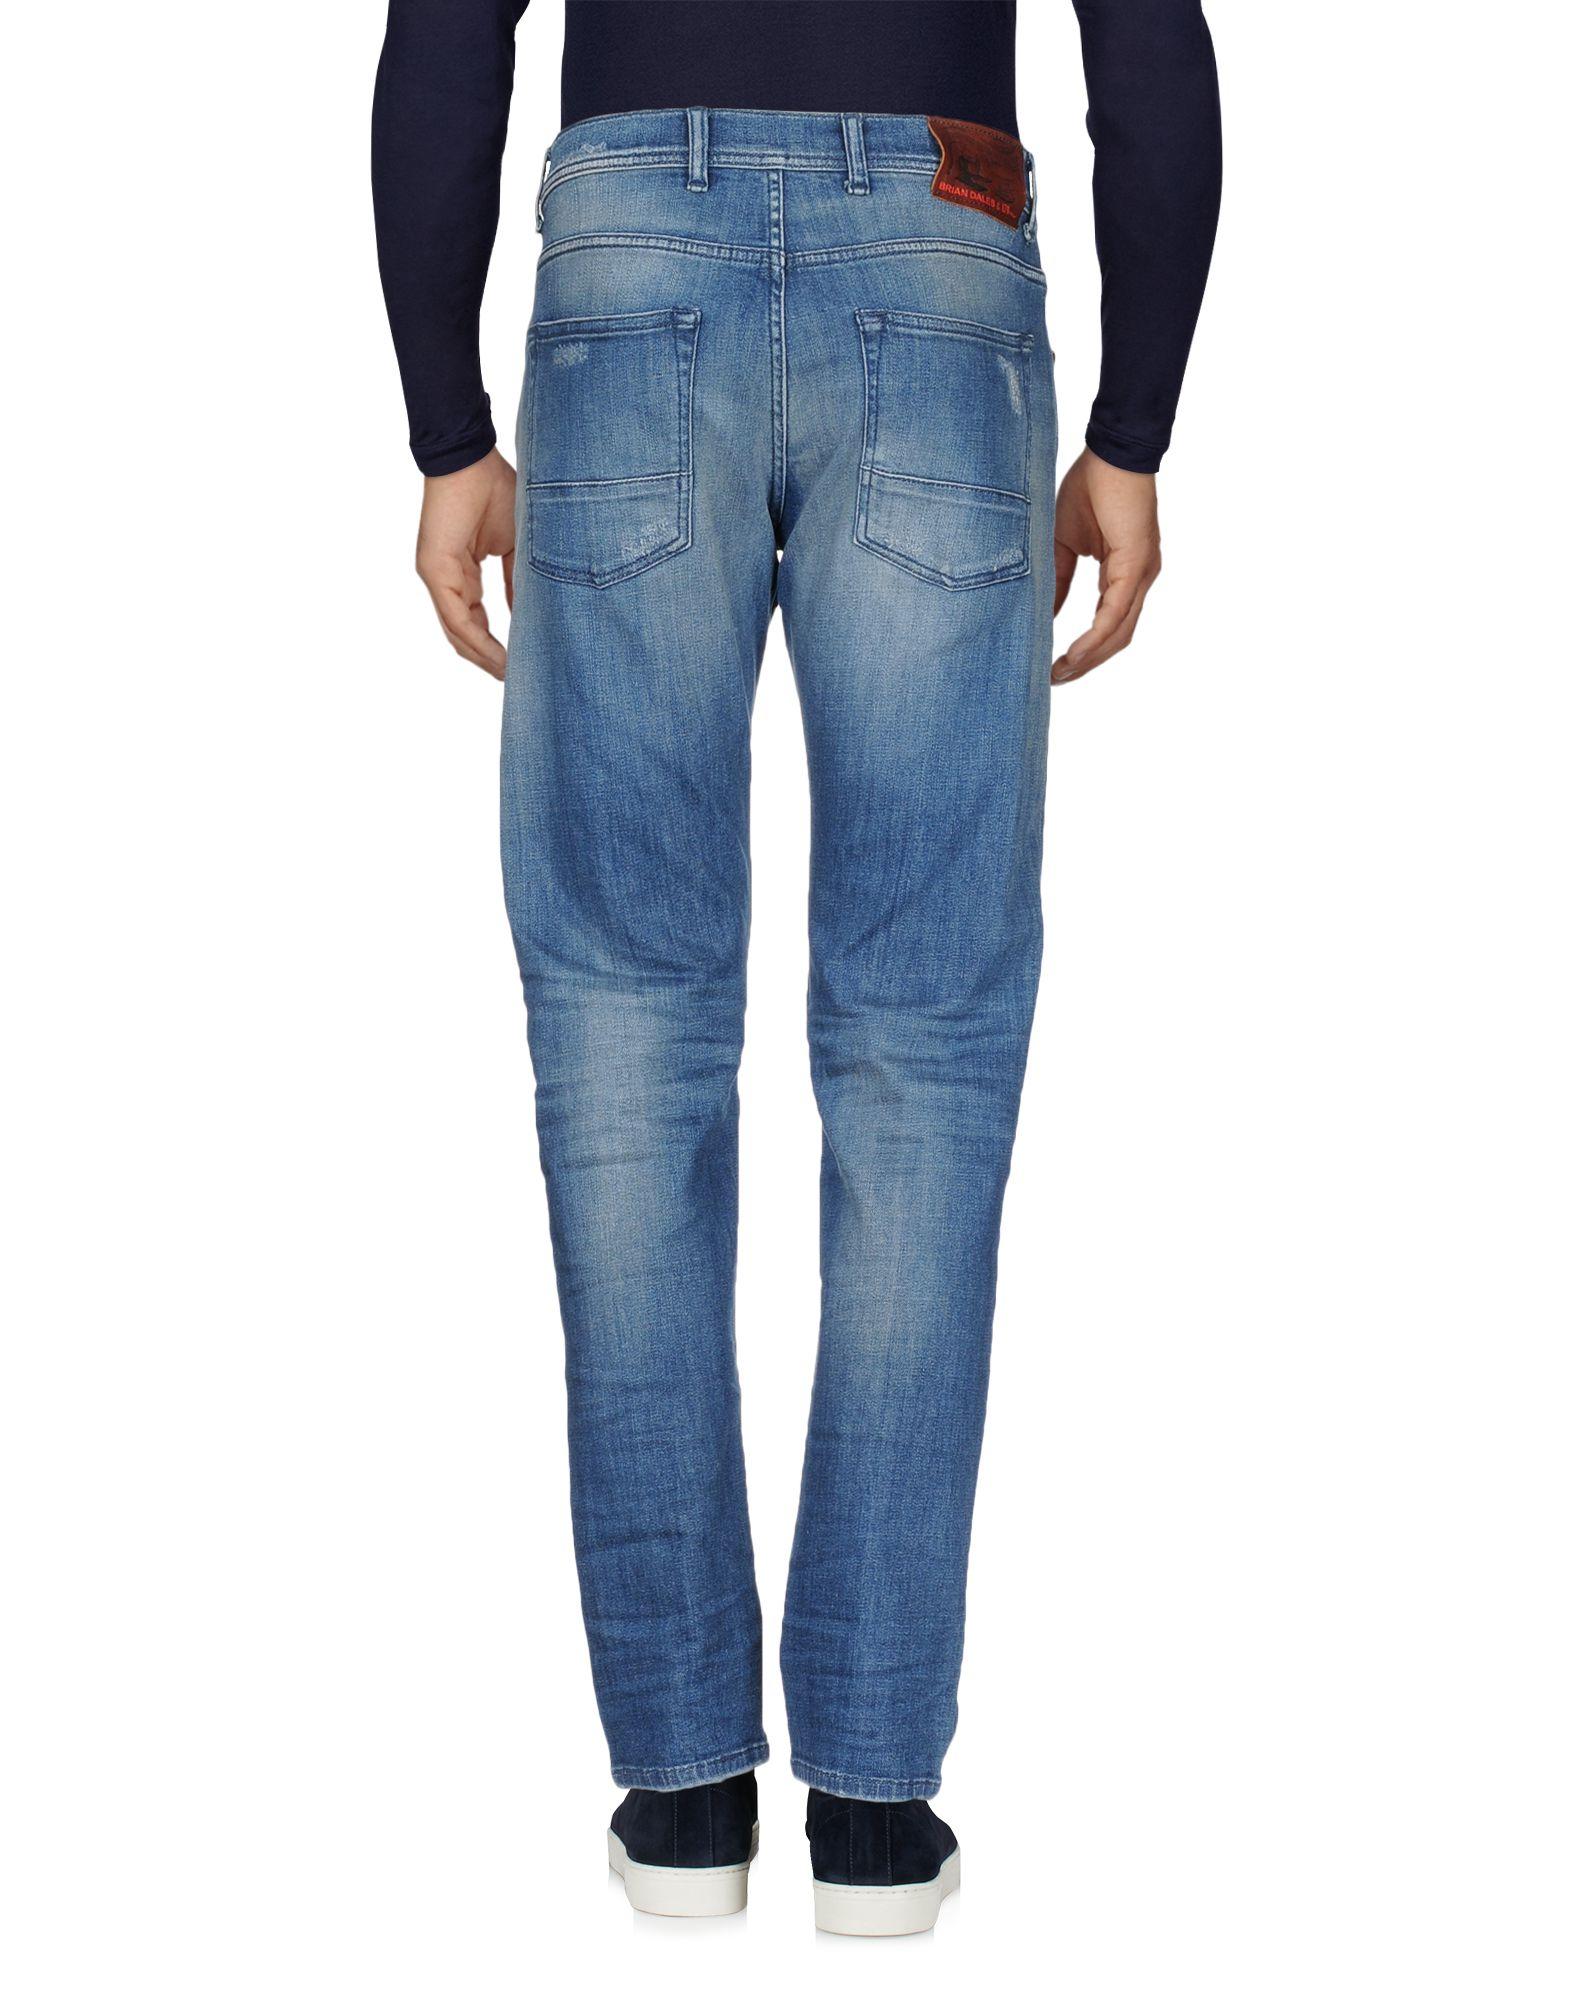 Pantaloni Jeans Brian Dales & Ltb - Uomo - Ltb 42671806XH 609107